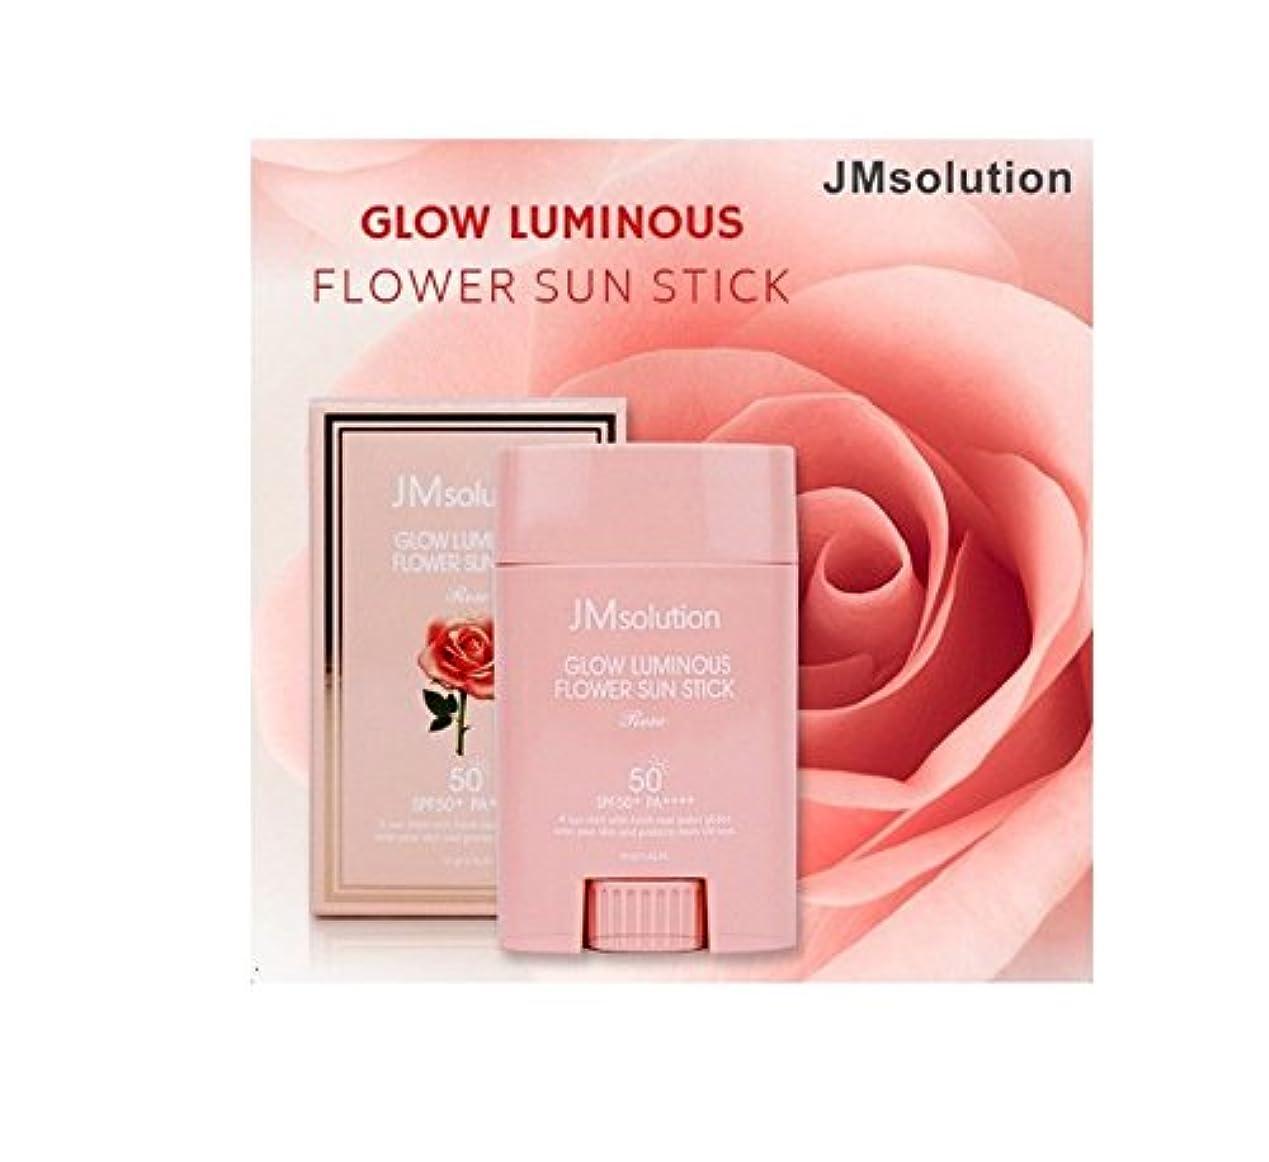 変な花弁サーフィンJM Solution Glow Luminous Flower Sun Stick Rose 21g (spf50 PA) 光る輝く花Sun Stick Rose